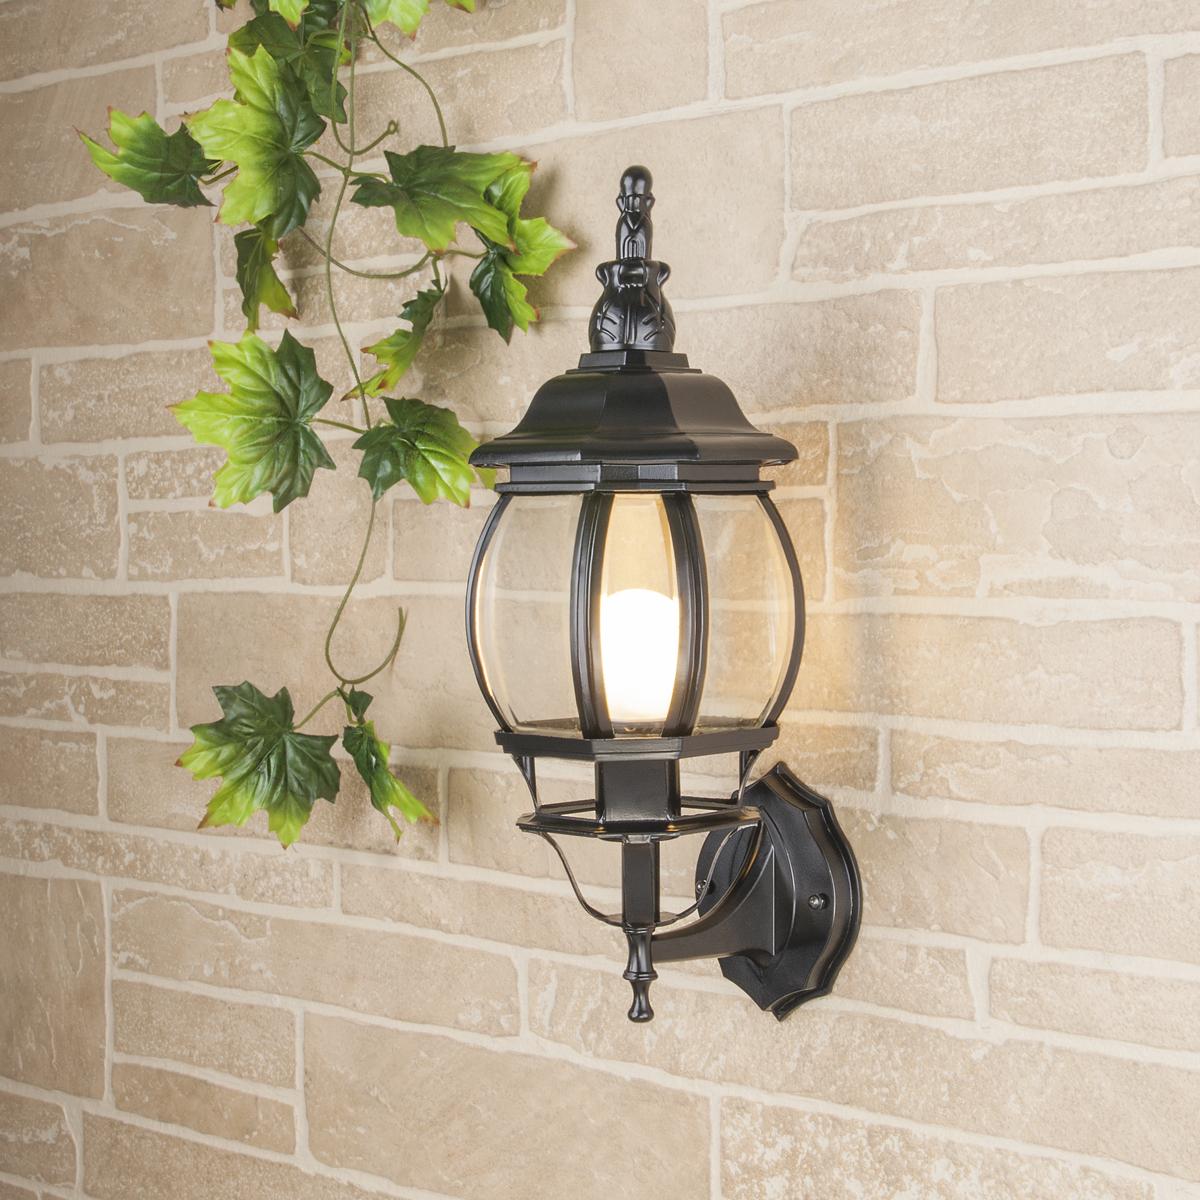 Садовое освещение Elektrostandard a033703, E27 садово парковый светильник elektrostandard virgo f 2 черное золото 4690389064883